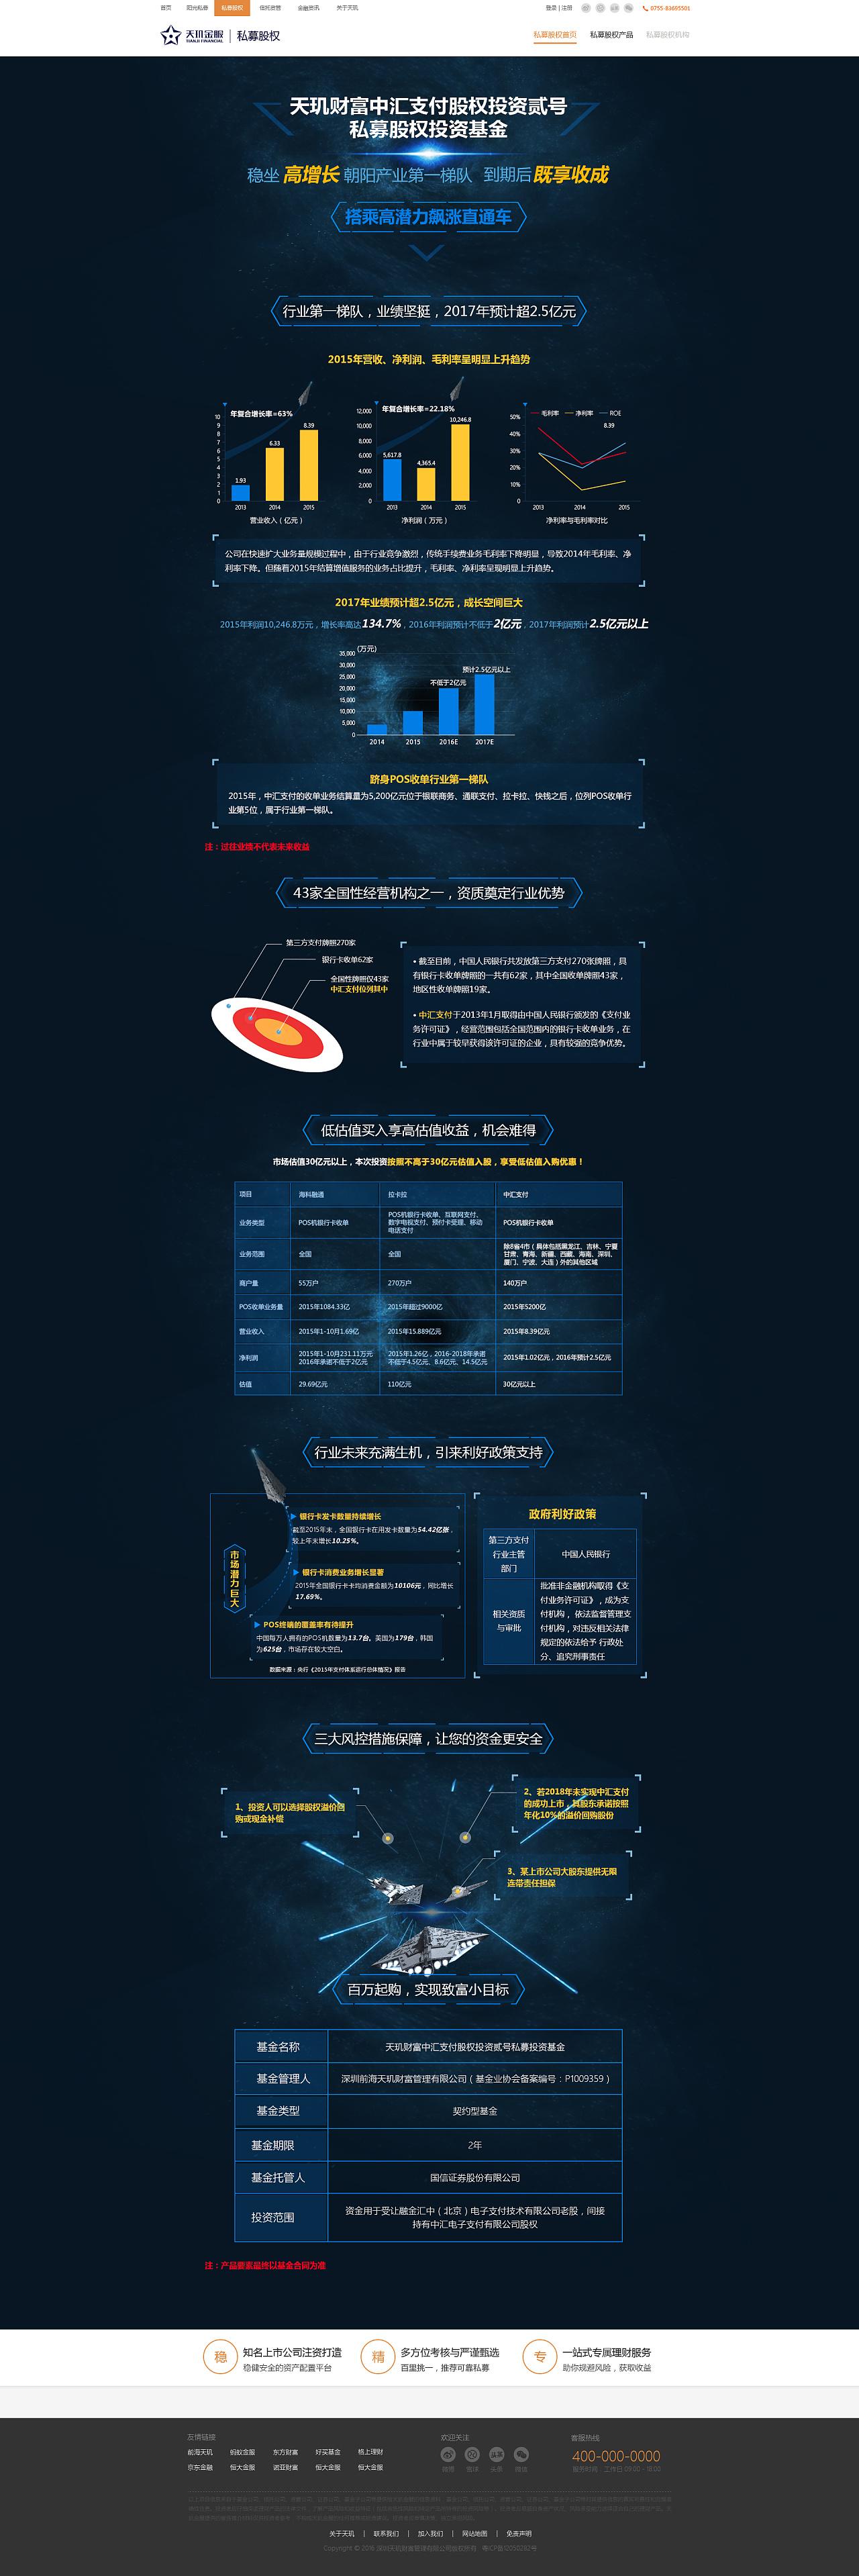 金融产品专题设计图片